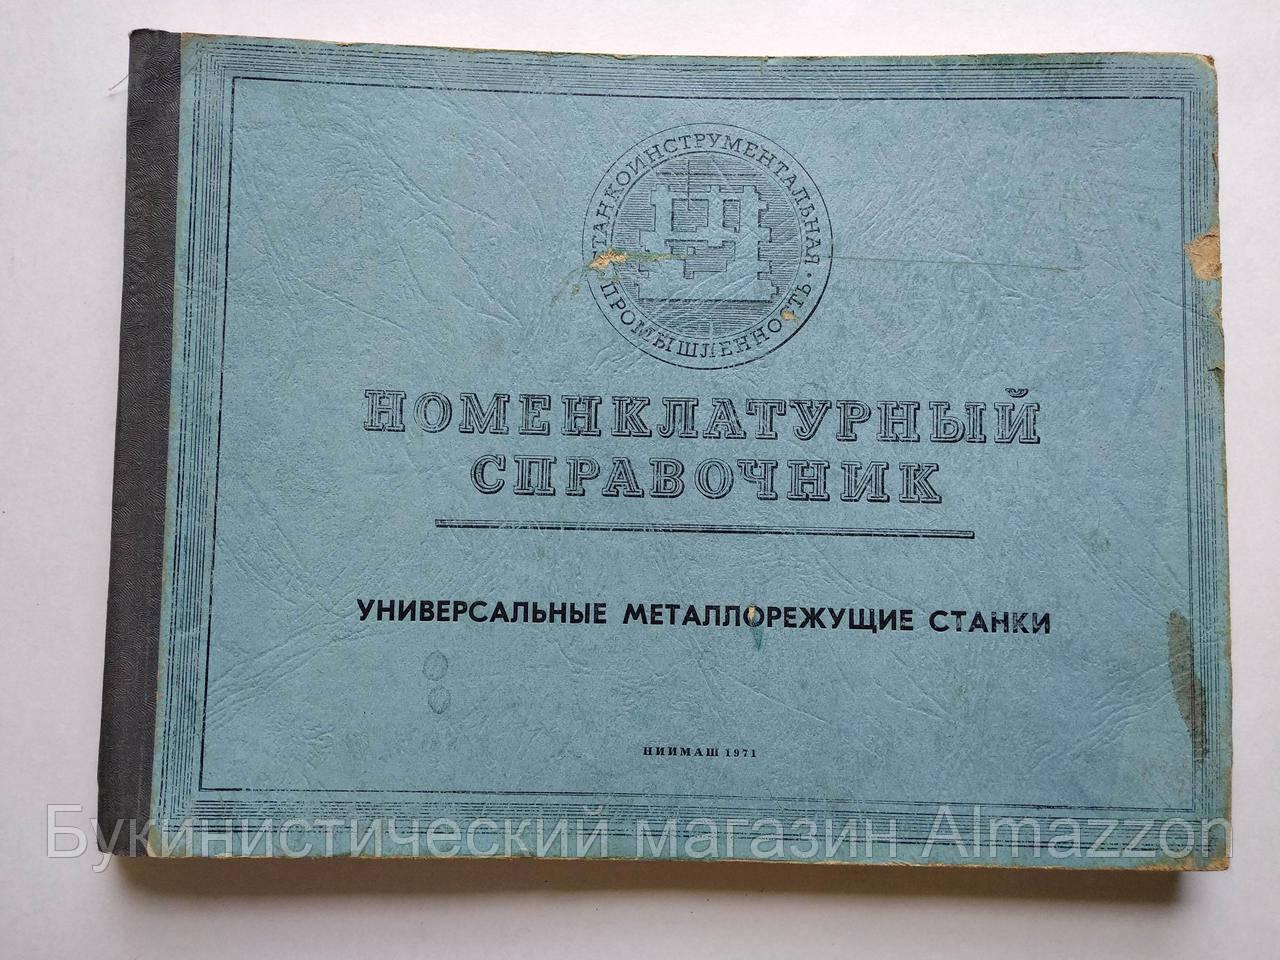 Номенклатурный справочник Универсальные металлорежущие станки, выпускаемые в 1971-1972 годах